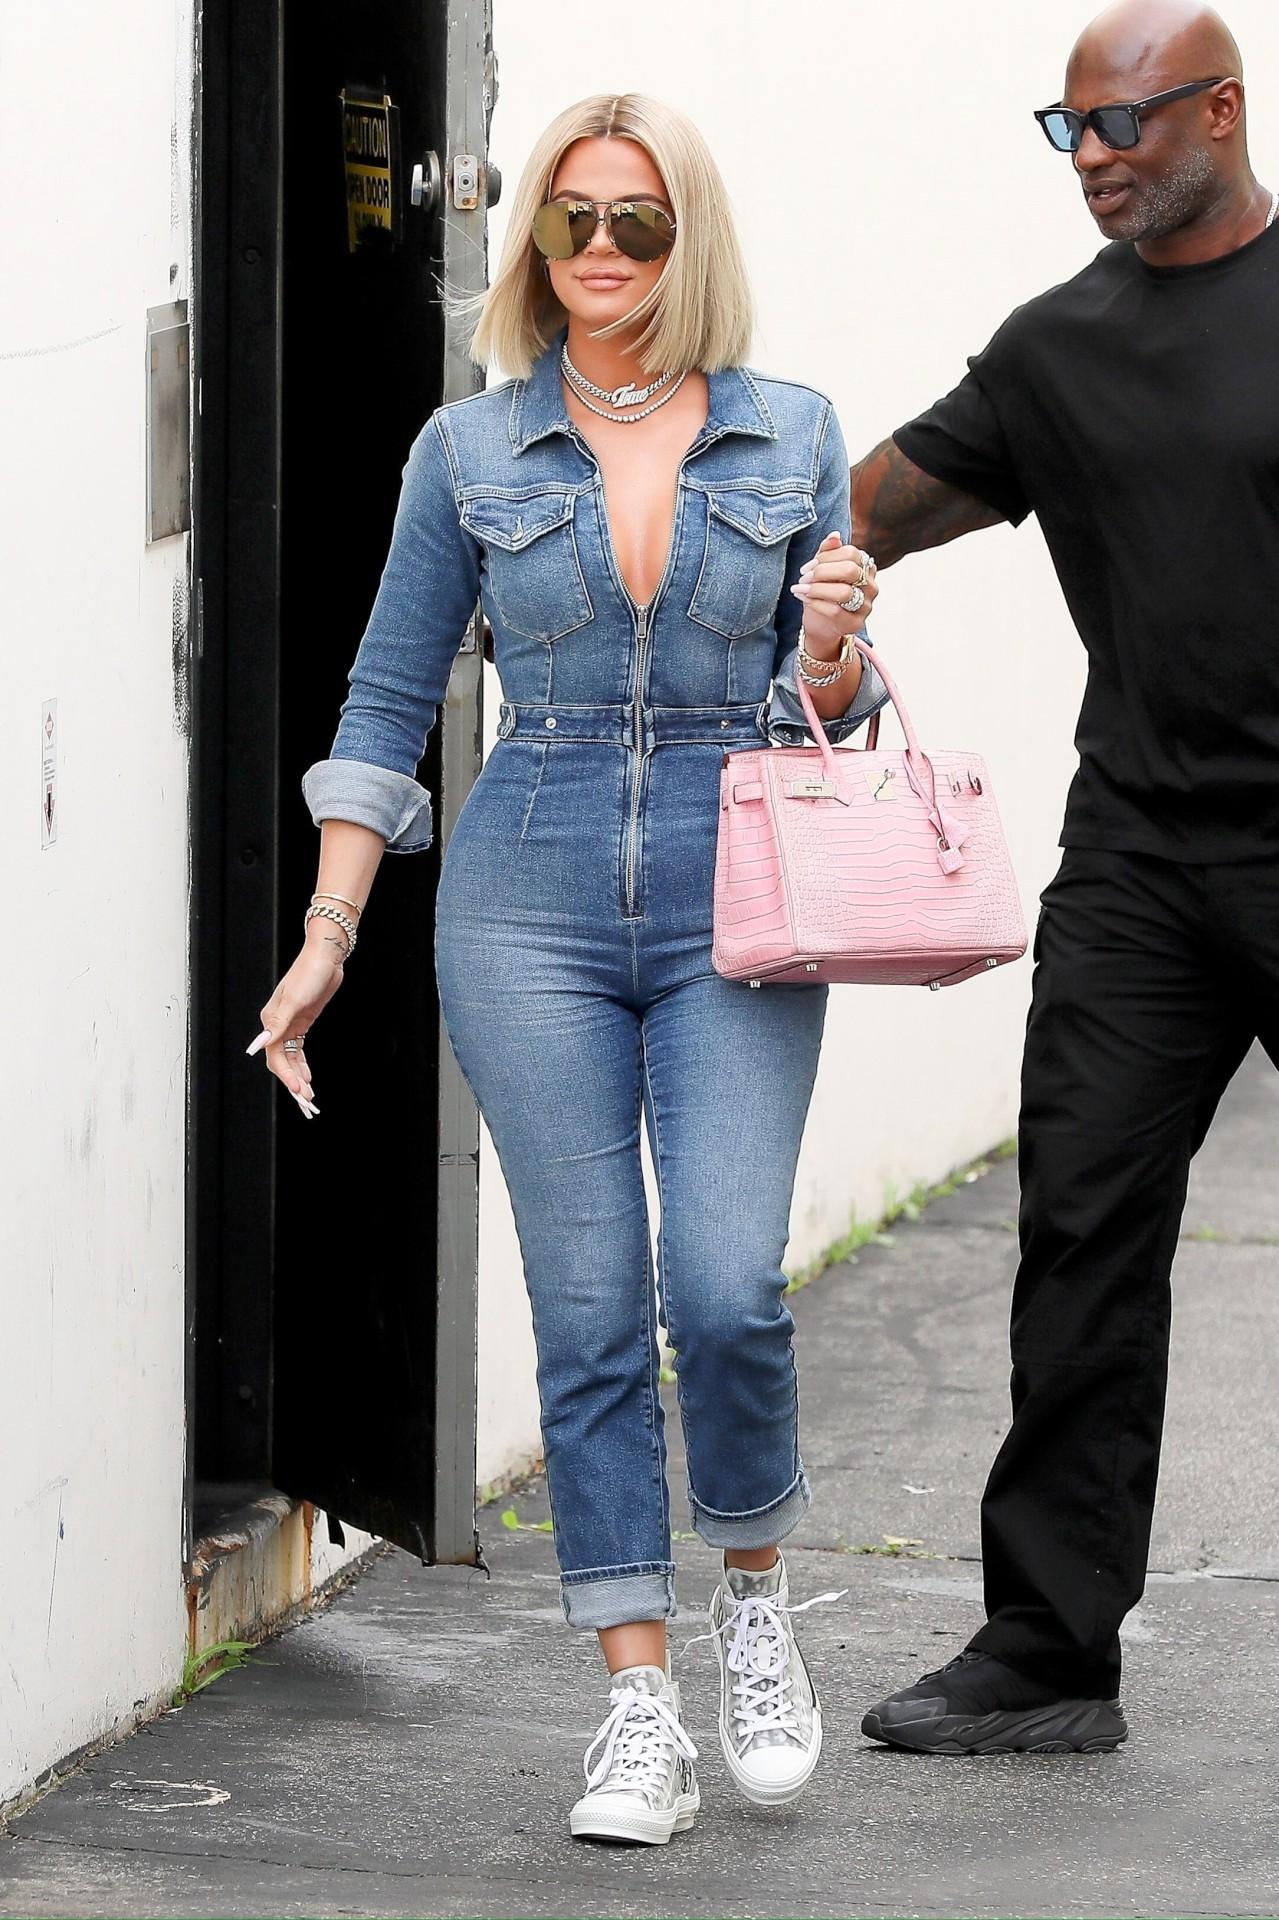 Khloe Kardashian Hot Curvy Body